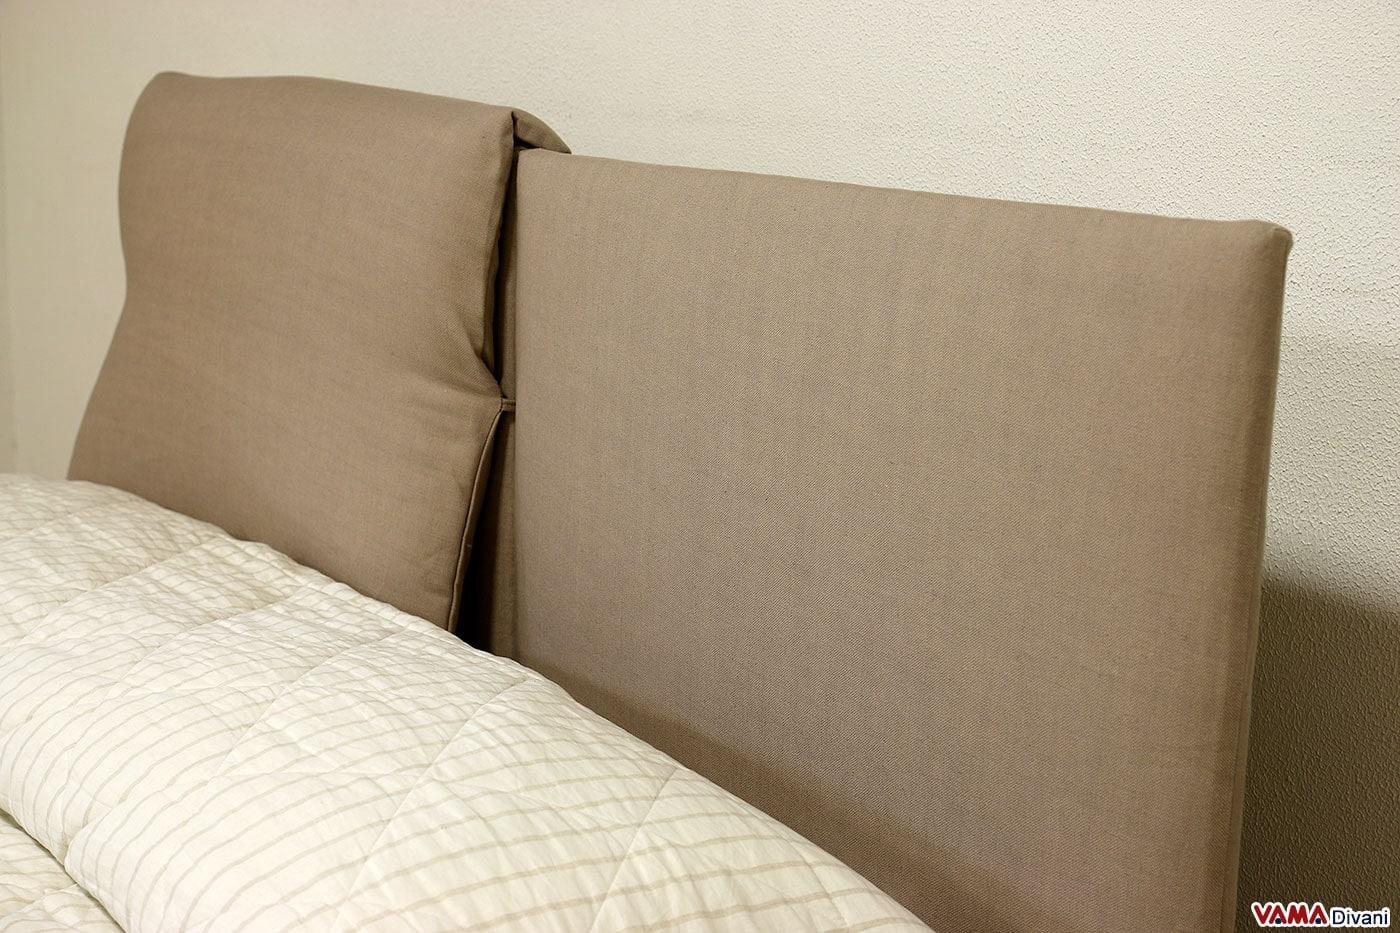 Testata letto con cuscini 28 images letto in tessuto for Cuscini per testata letto ikea